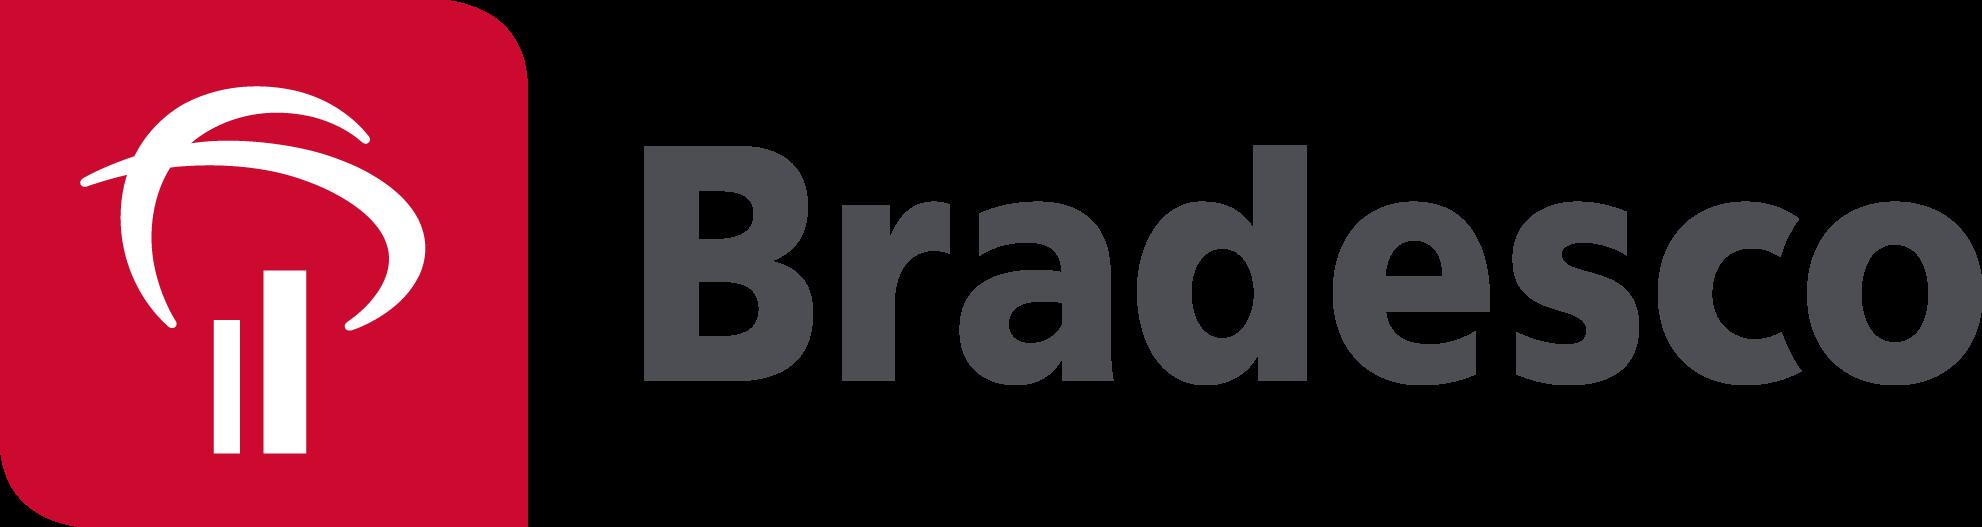 Clique aqui para expandir ou fazer download. - Banco Bradesco Logo PNG